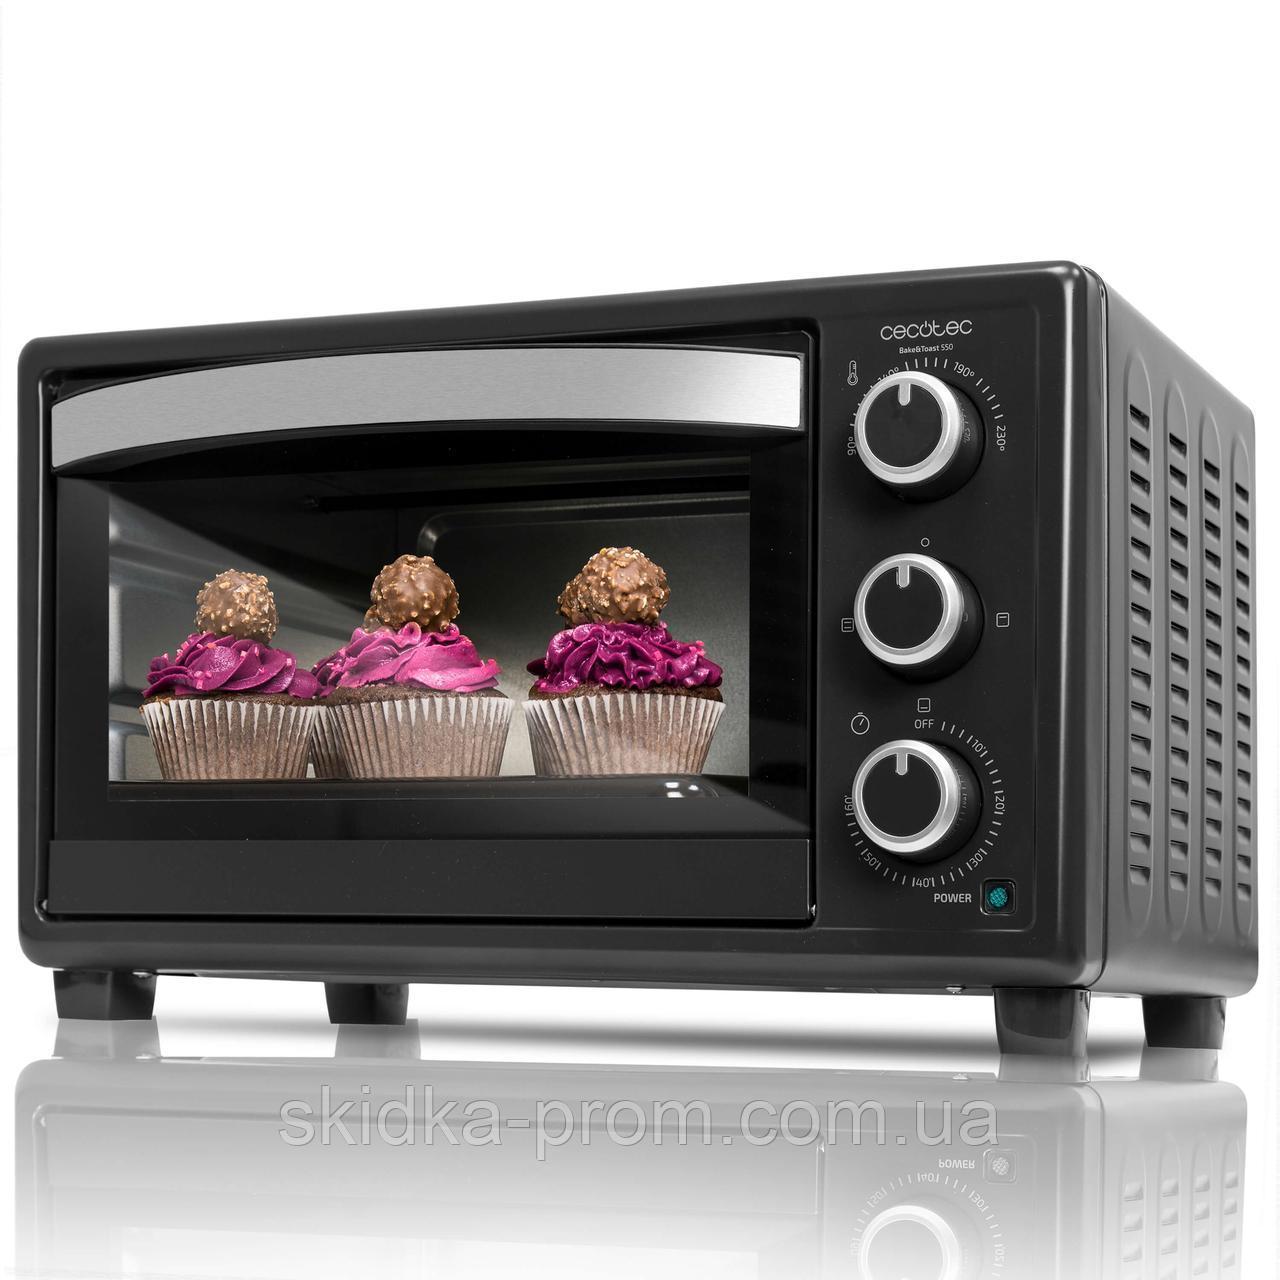 Электропечь Cecotec Mini Oven Bake&Toast 550 CCTC-02203 (8435484022033)